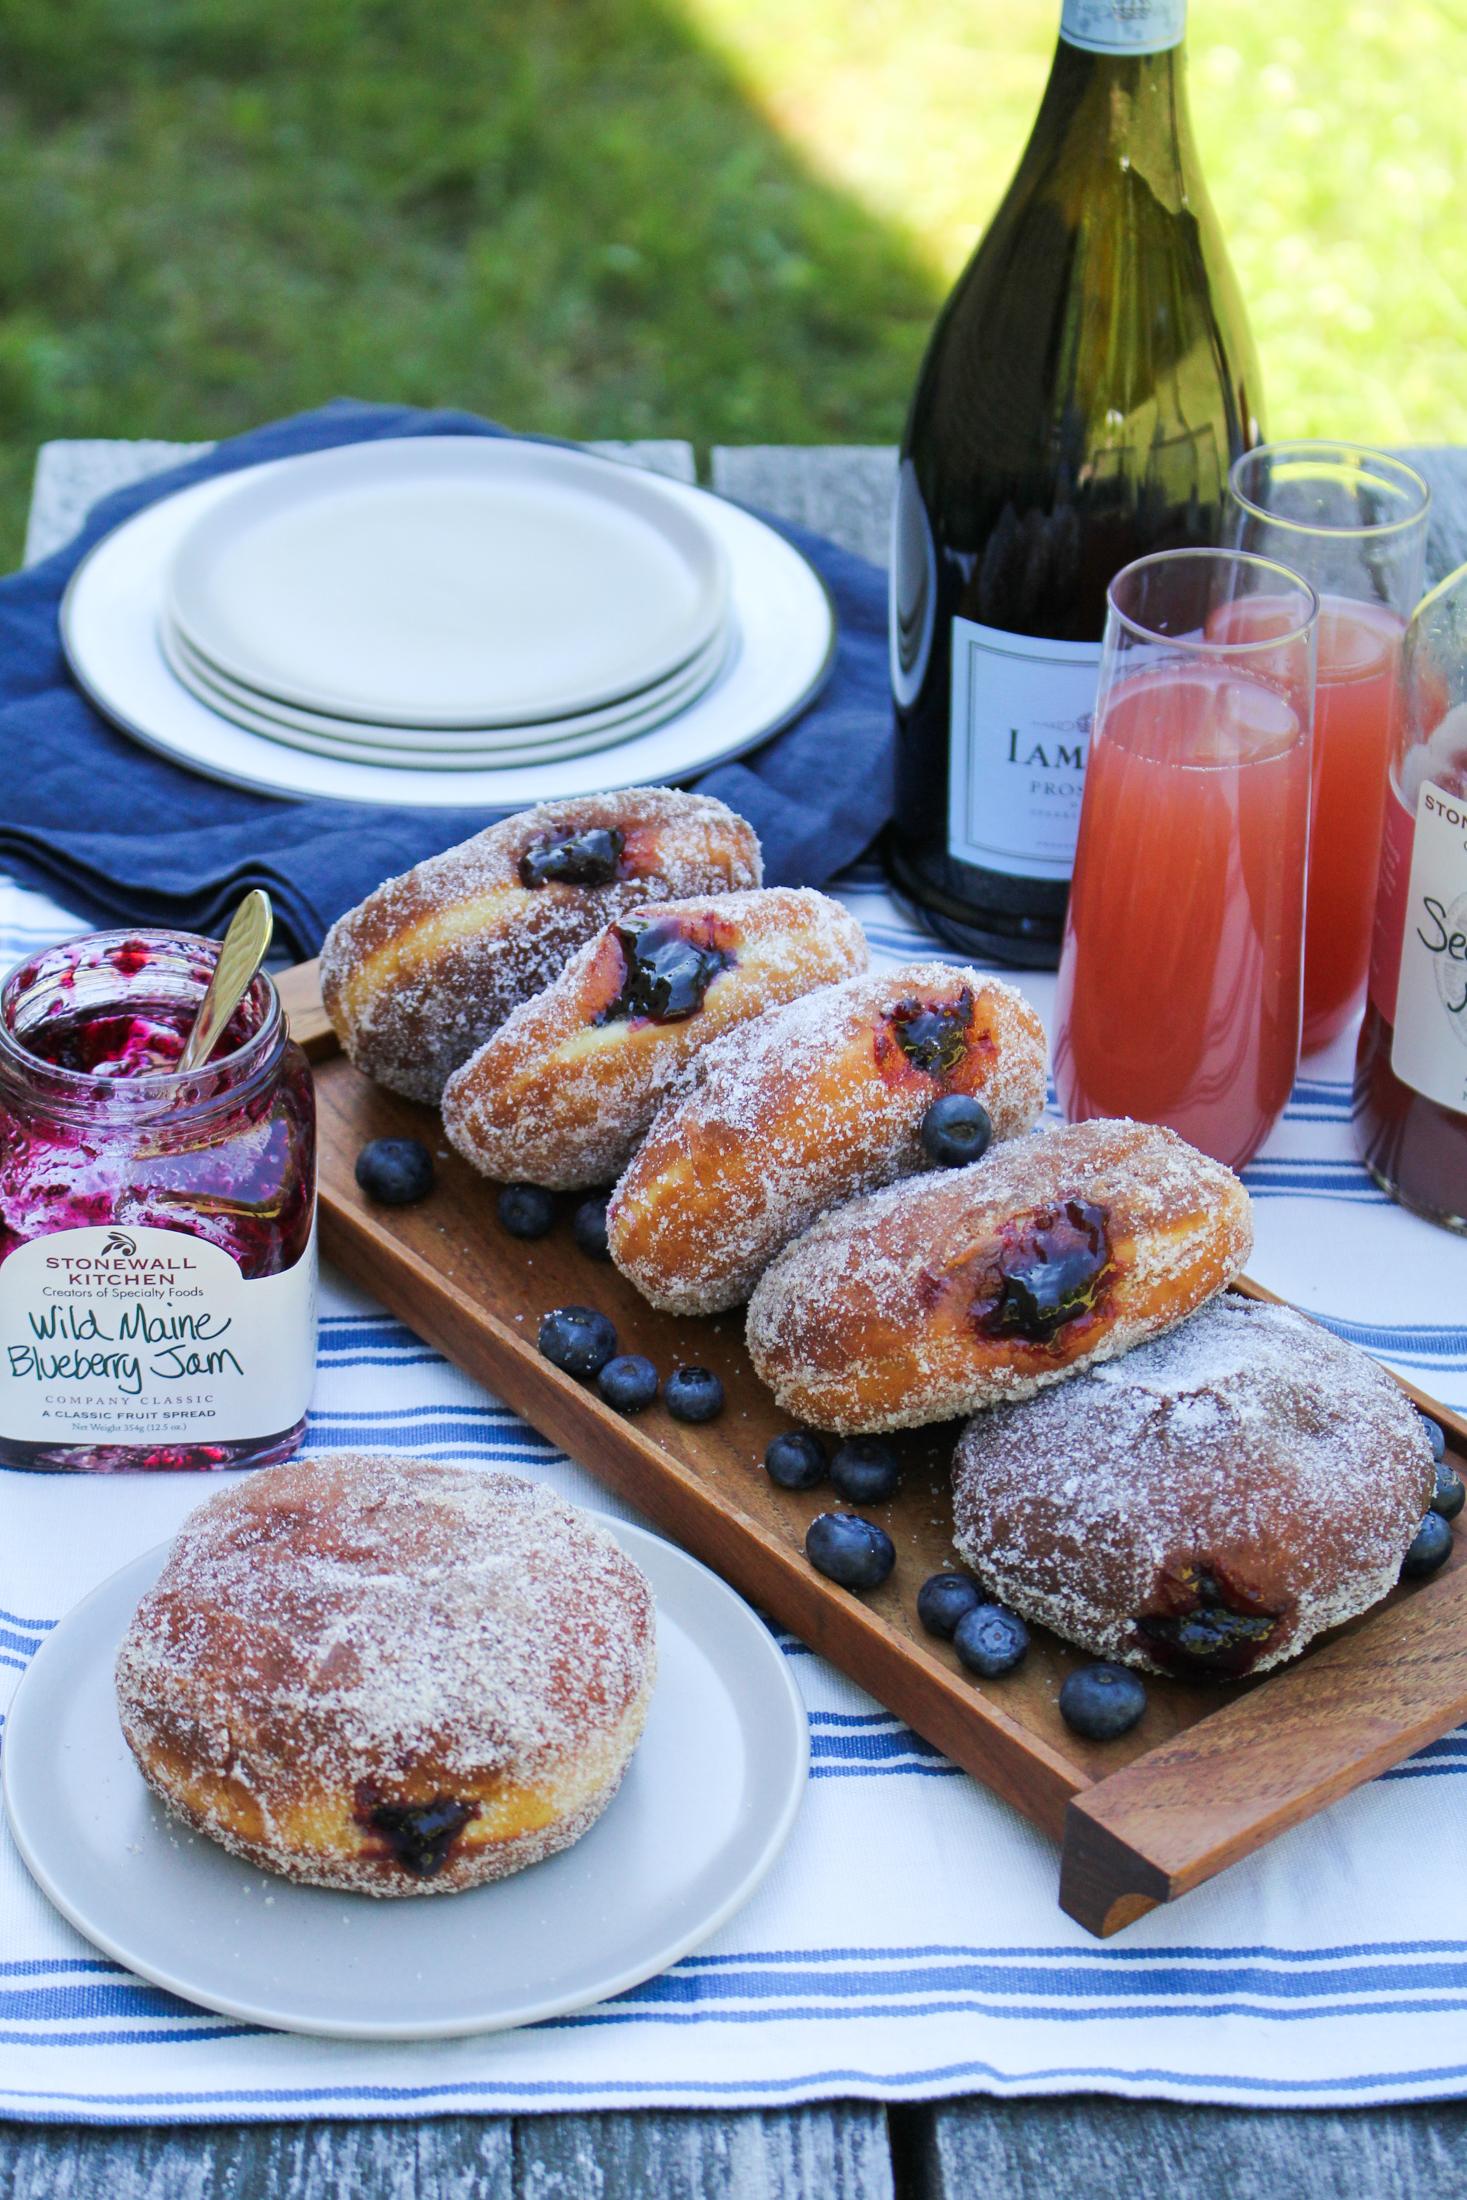 Wild Maine Blueberry Jam Doughnuts Katie At The Kitchen Door Ad